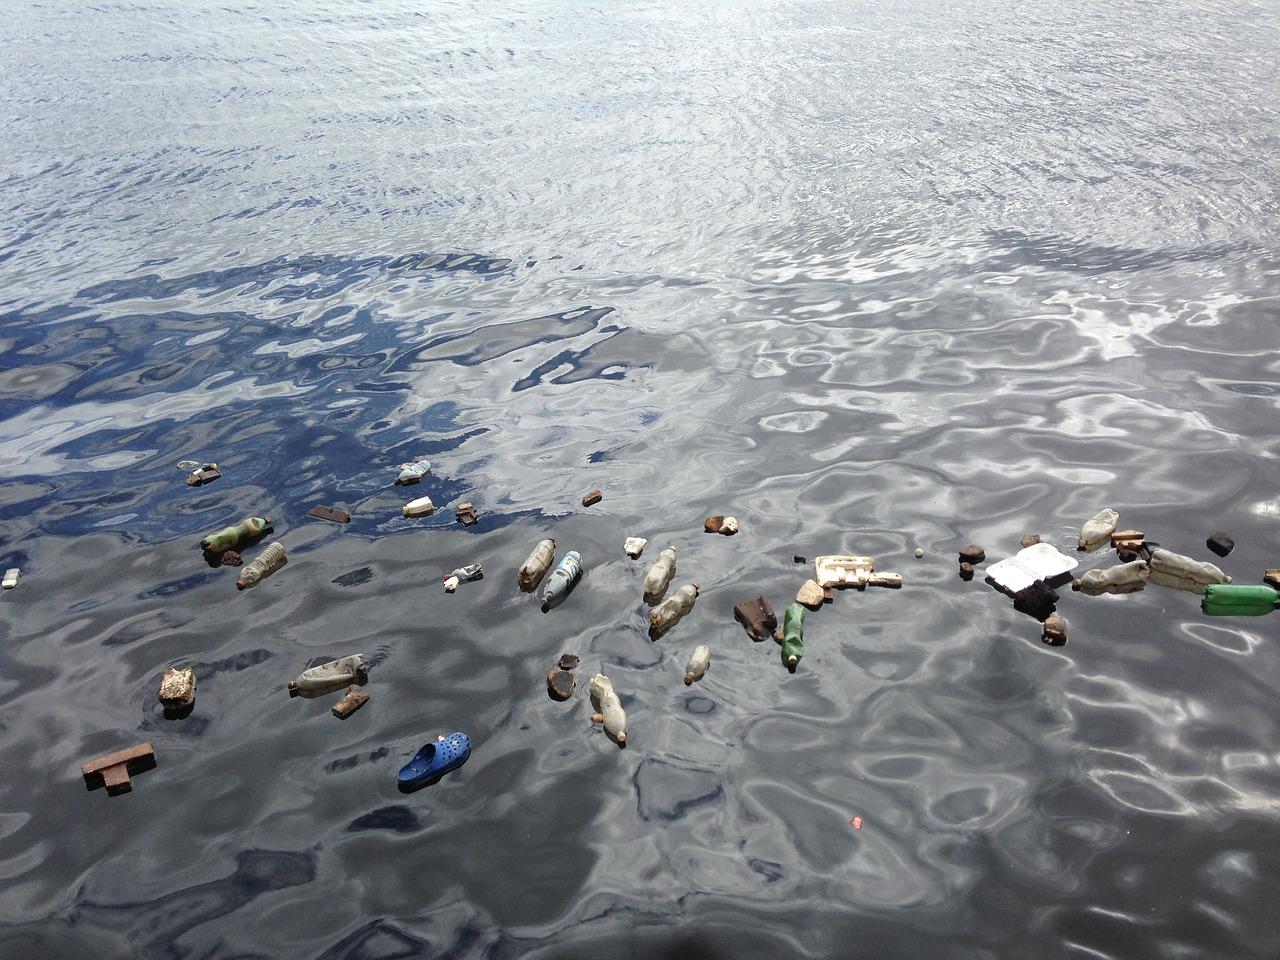 Poluição da água: causas e consequências